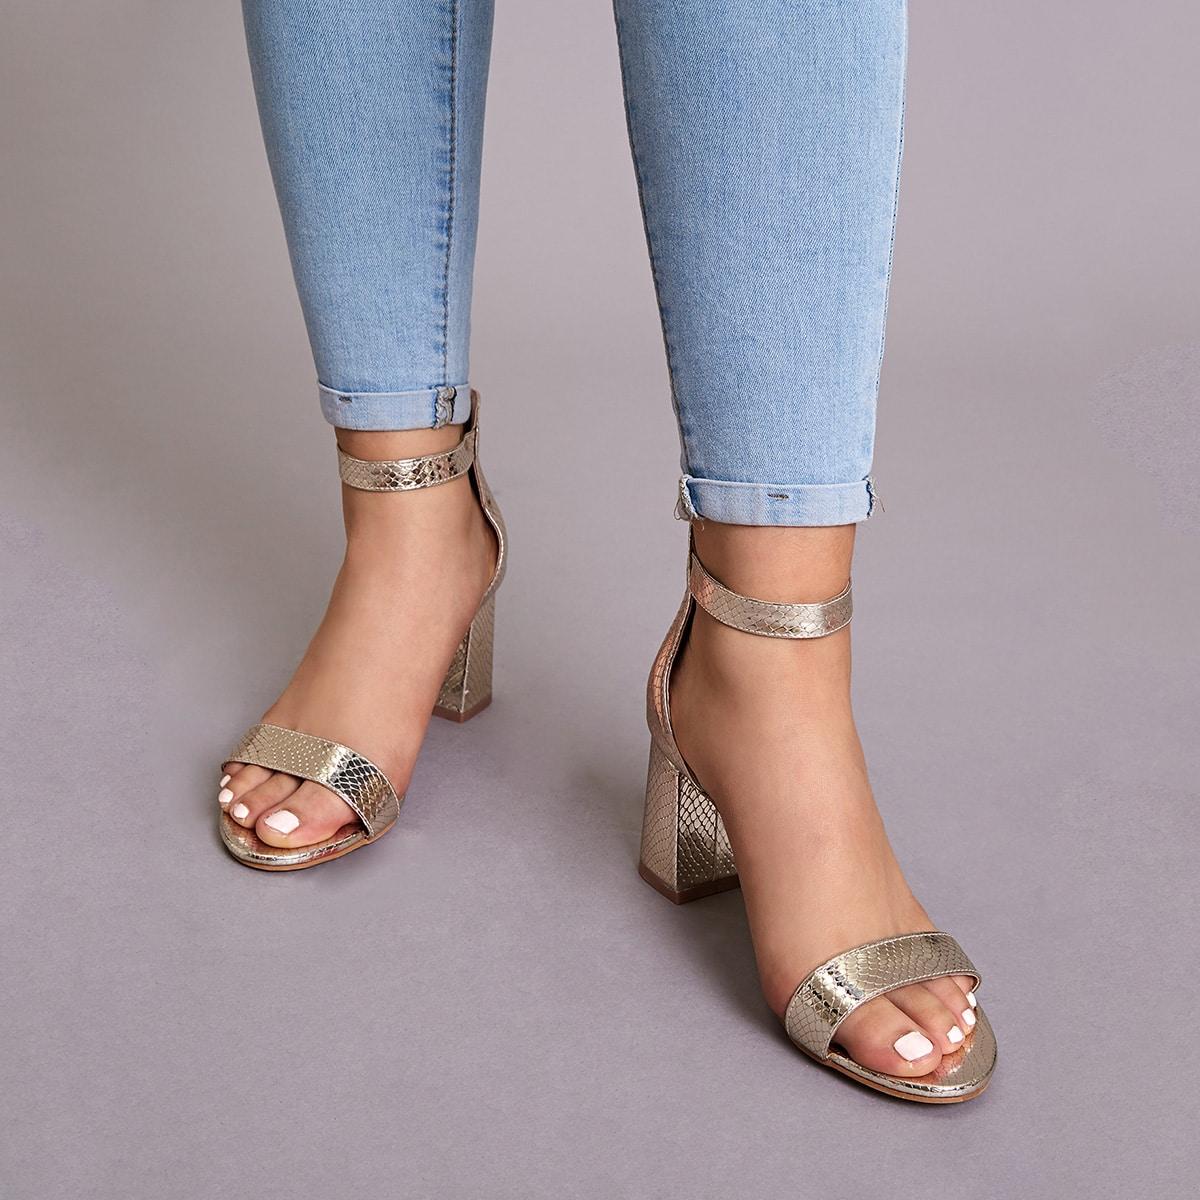 Змеиные туфли с массивным каблуком и ремешком от SHEIN